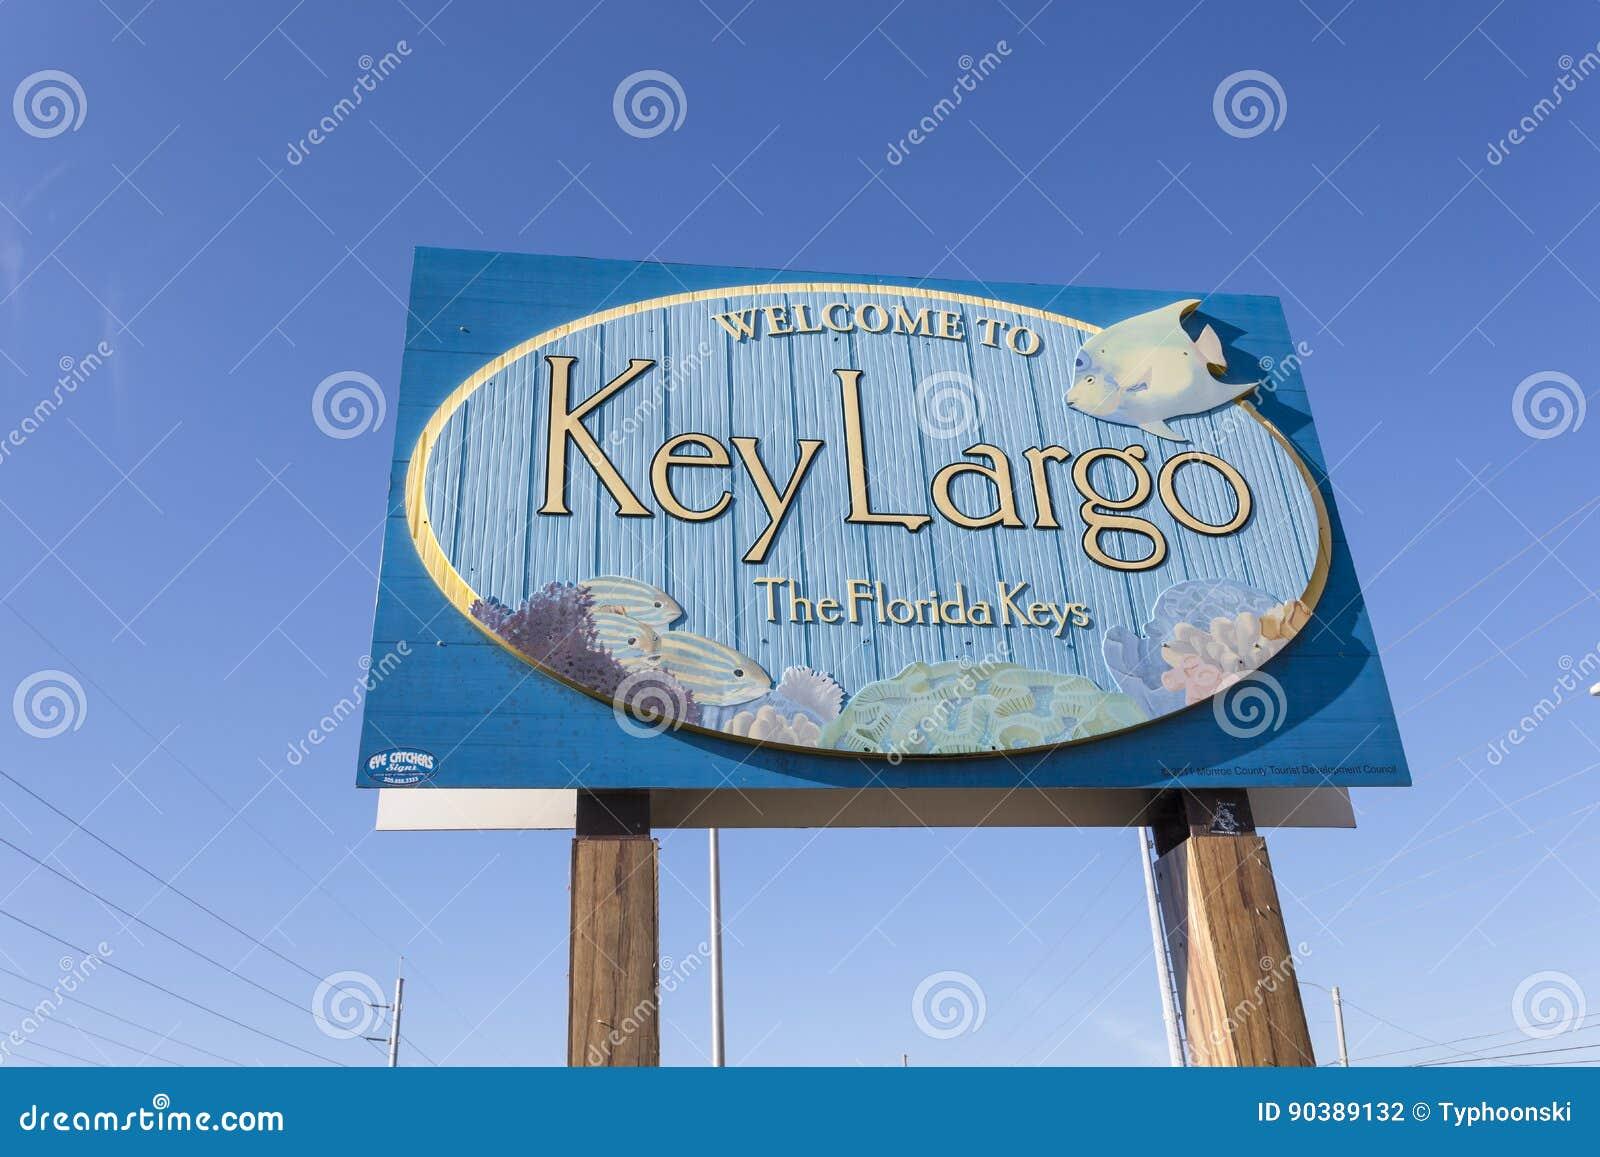 Benvenuto per chiudere a chiave il segno di largo, Florida